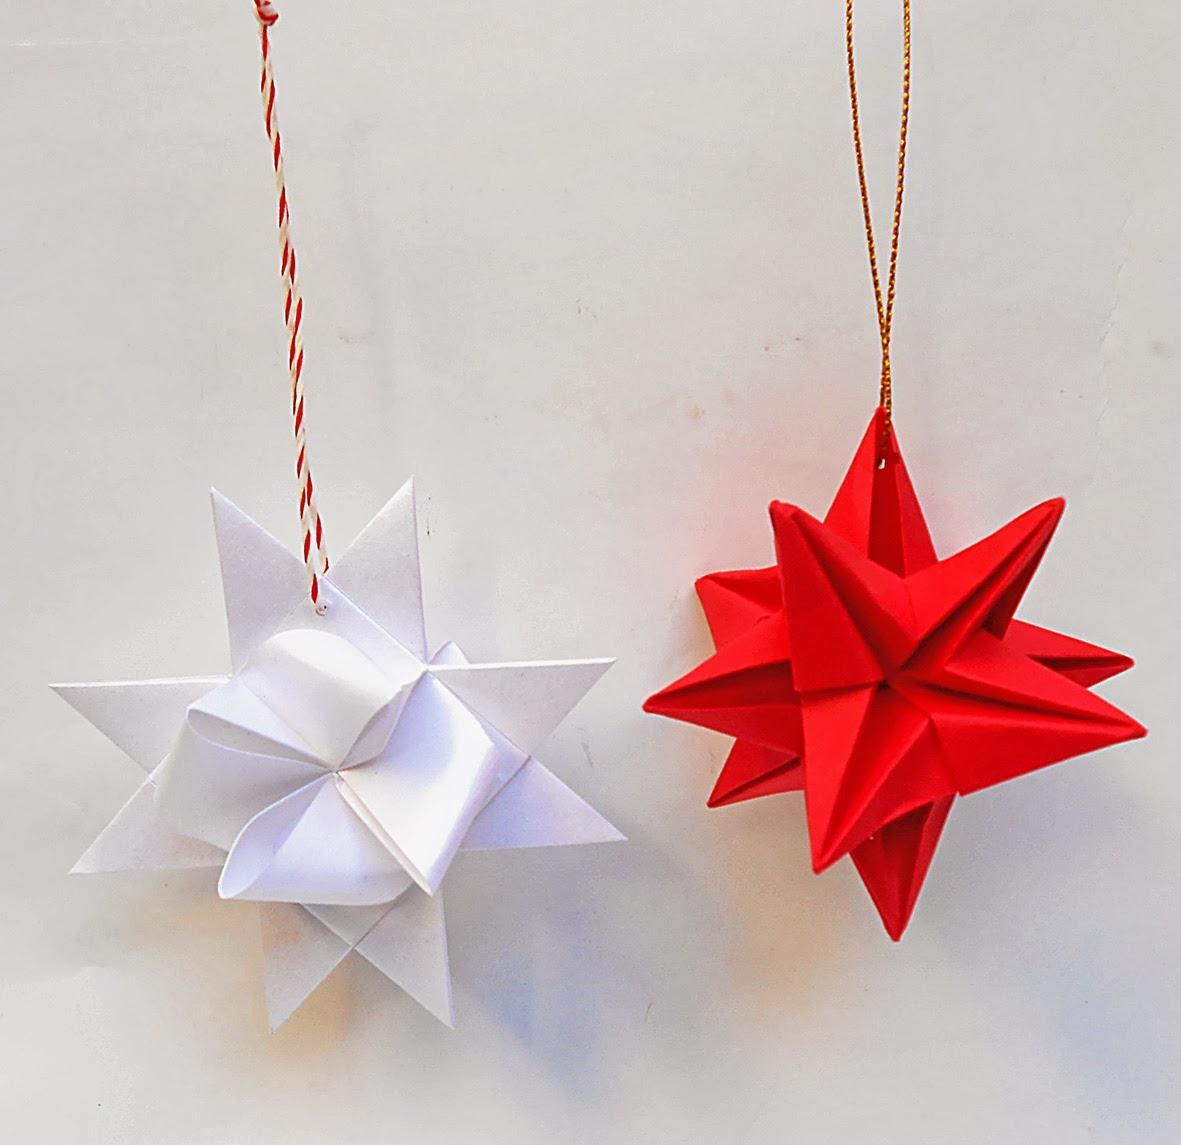 Mas origami adornos navide os for Adornos navidenos origami paso a paso